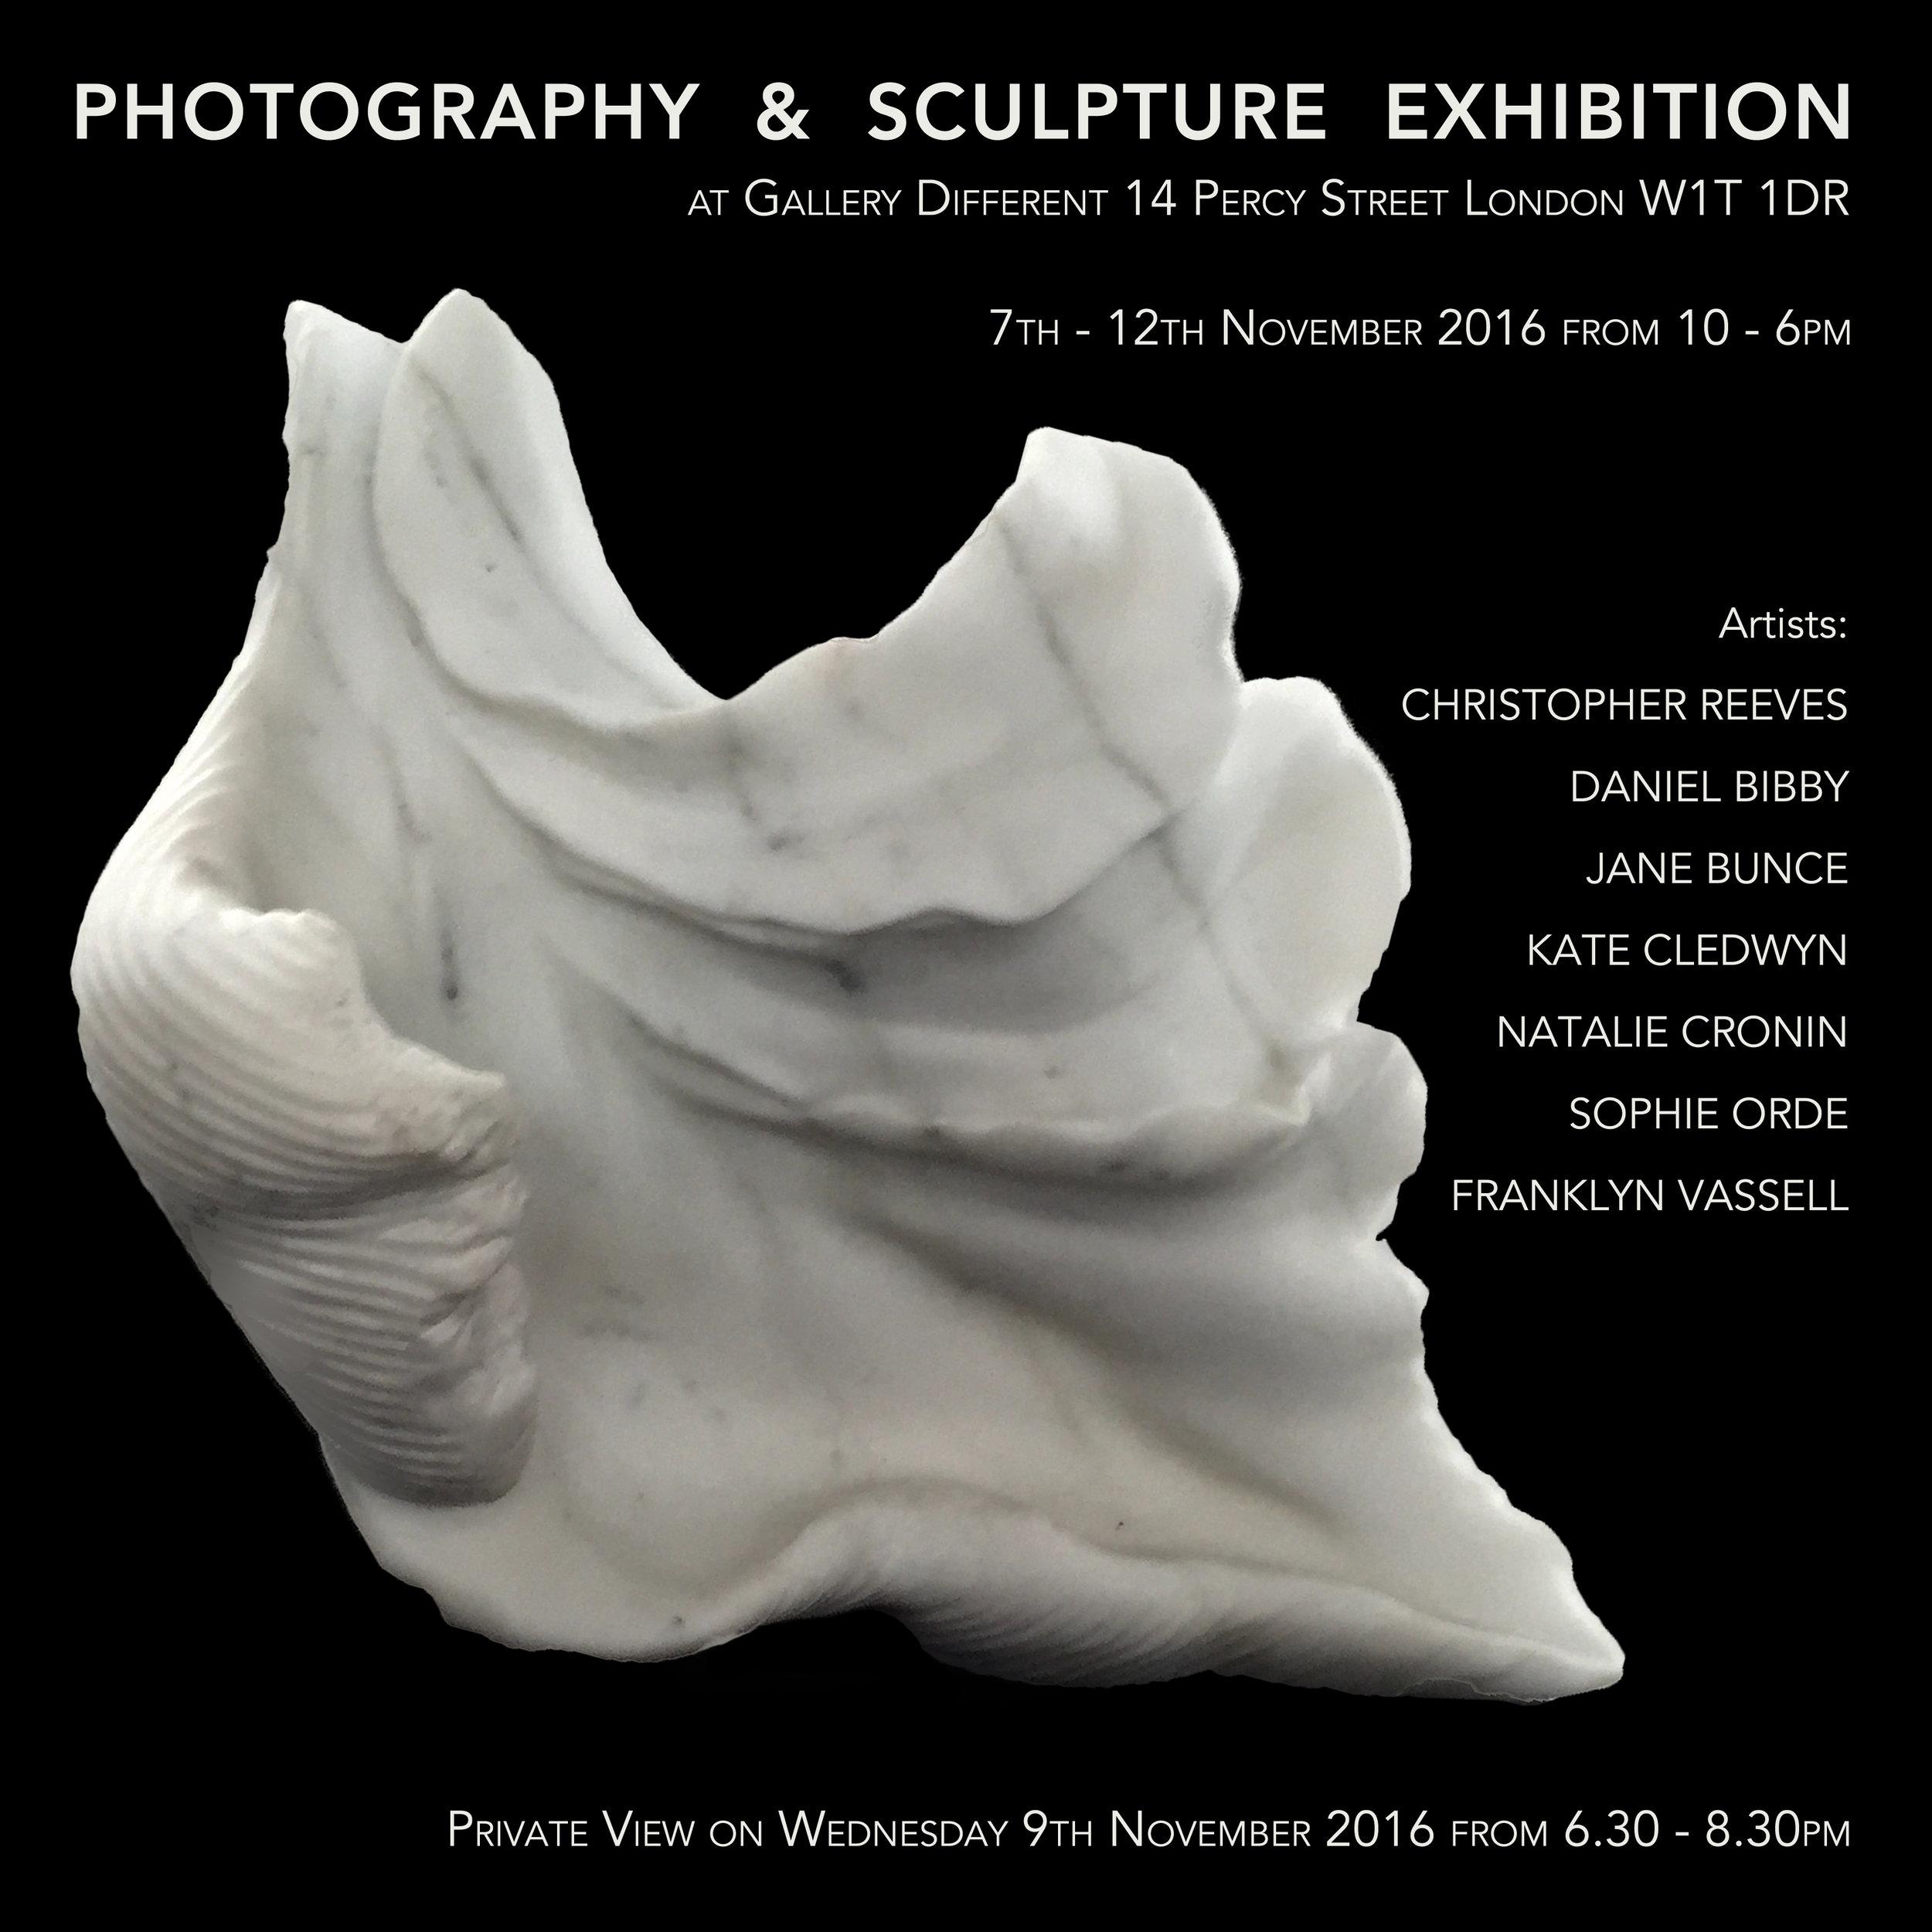 Photo & Sculpture Exhib Invite.jpg